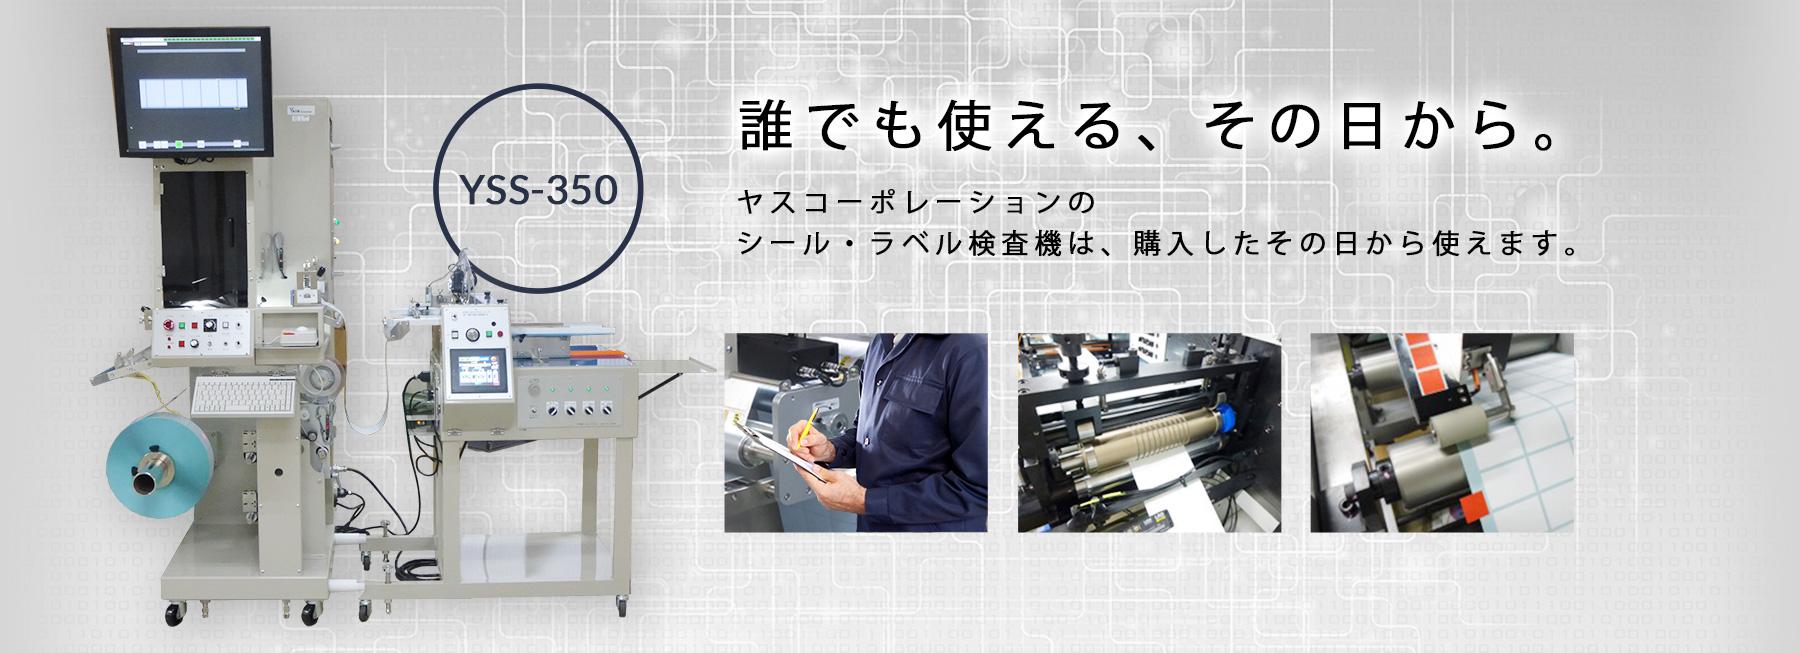 シール・ラベル検査装置メーカーの販売 ヤスコーポレーション トップ画像